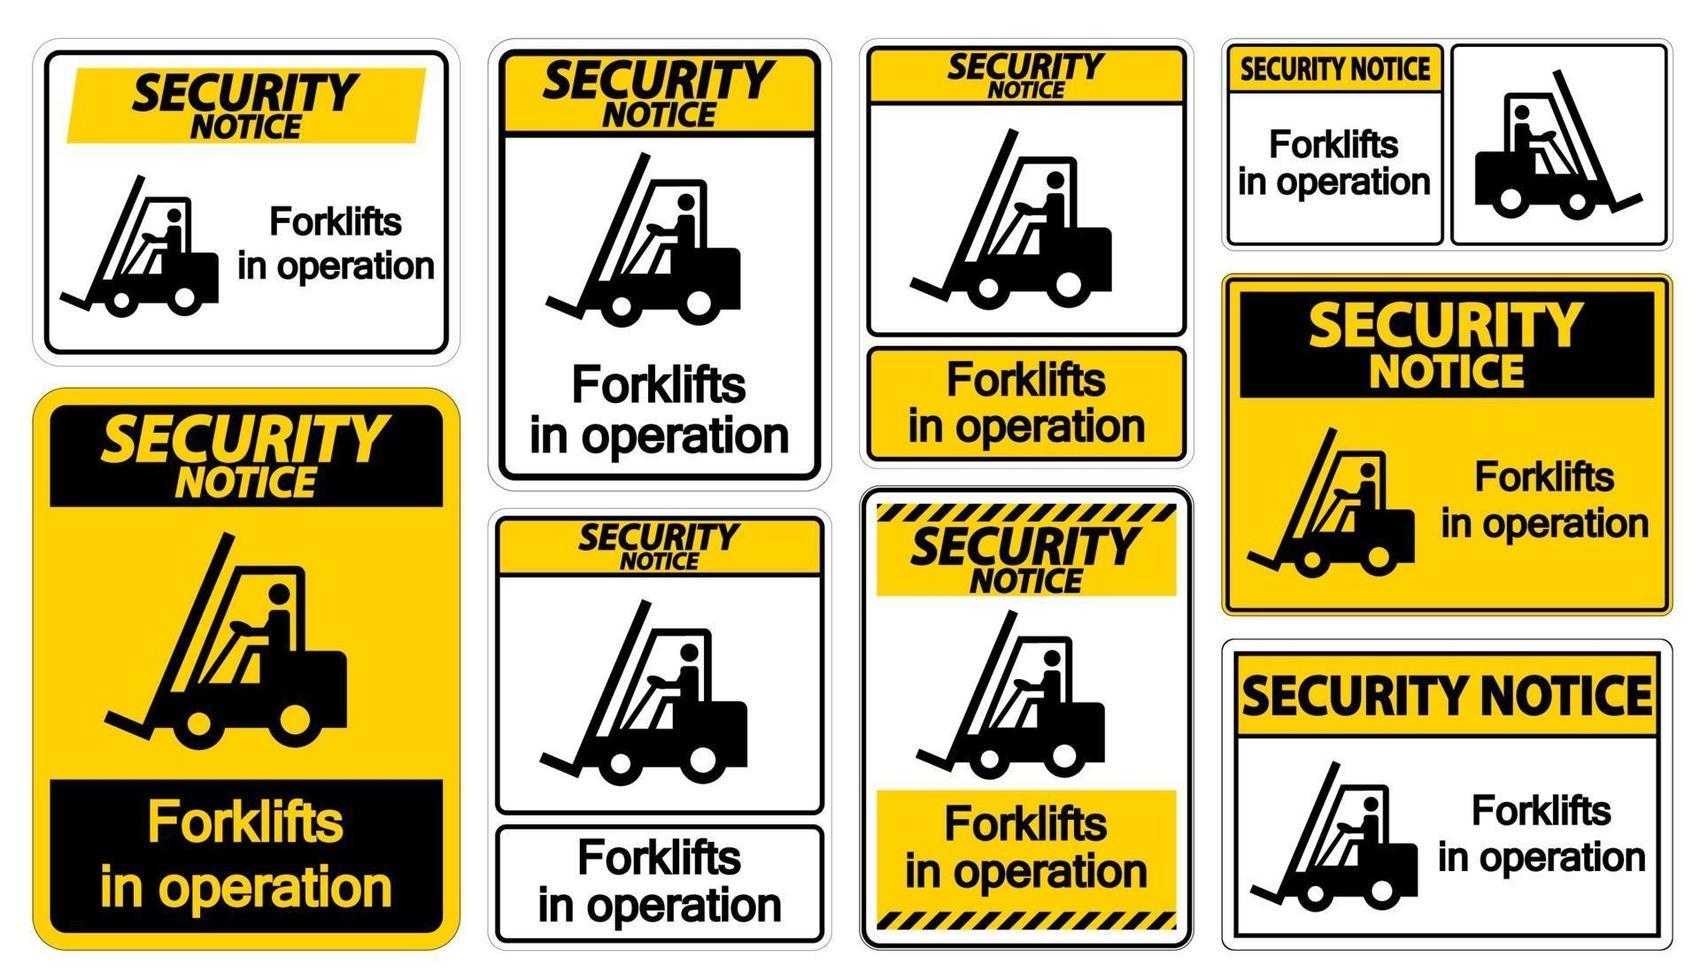 avviso di sicurezza carrelli elevatori in segno di simbolo di funzionamento isolare su sfondo trasparente, illustrazione vettoriale